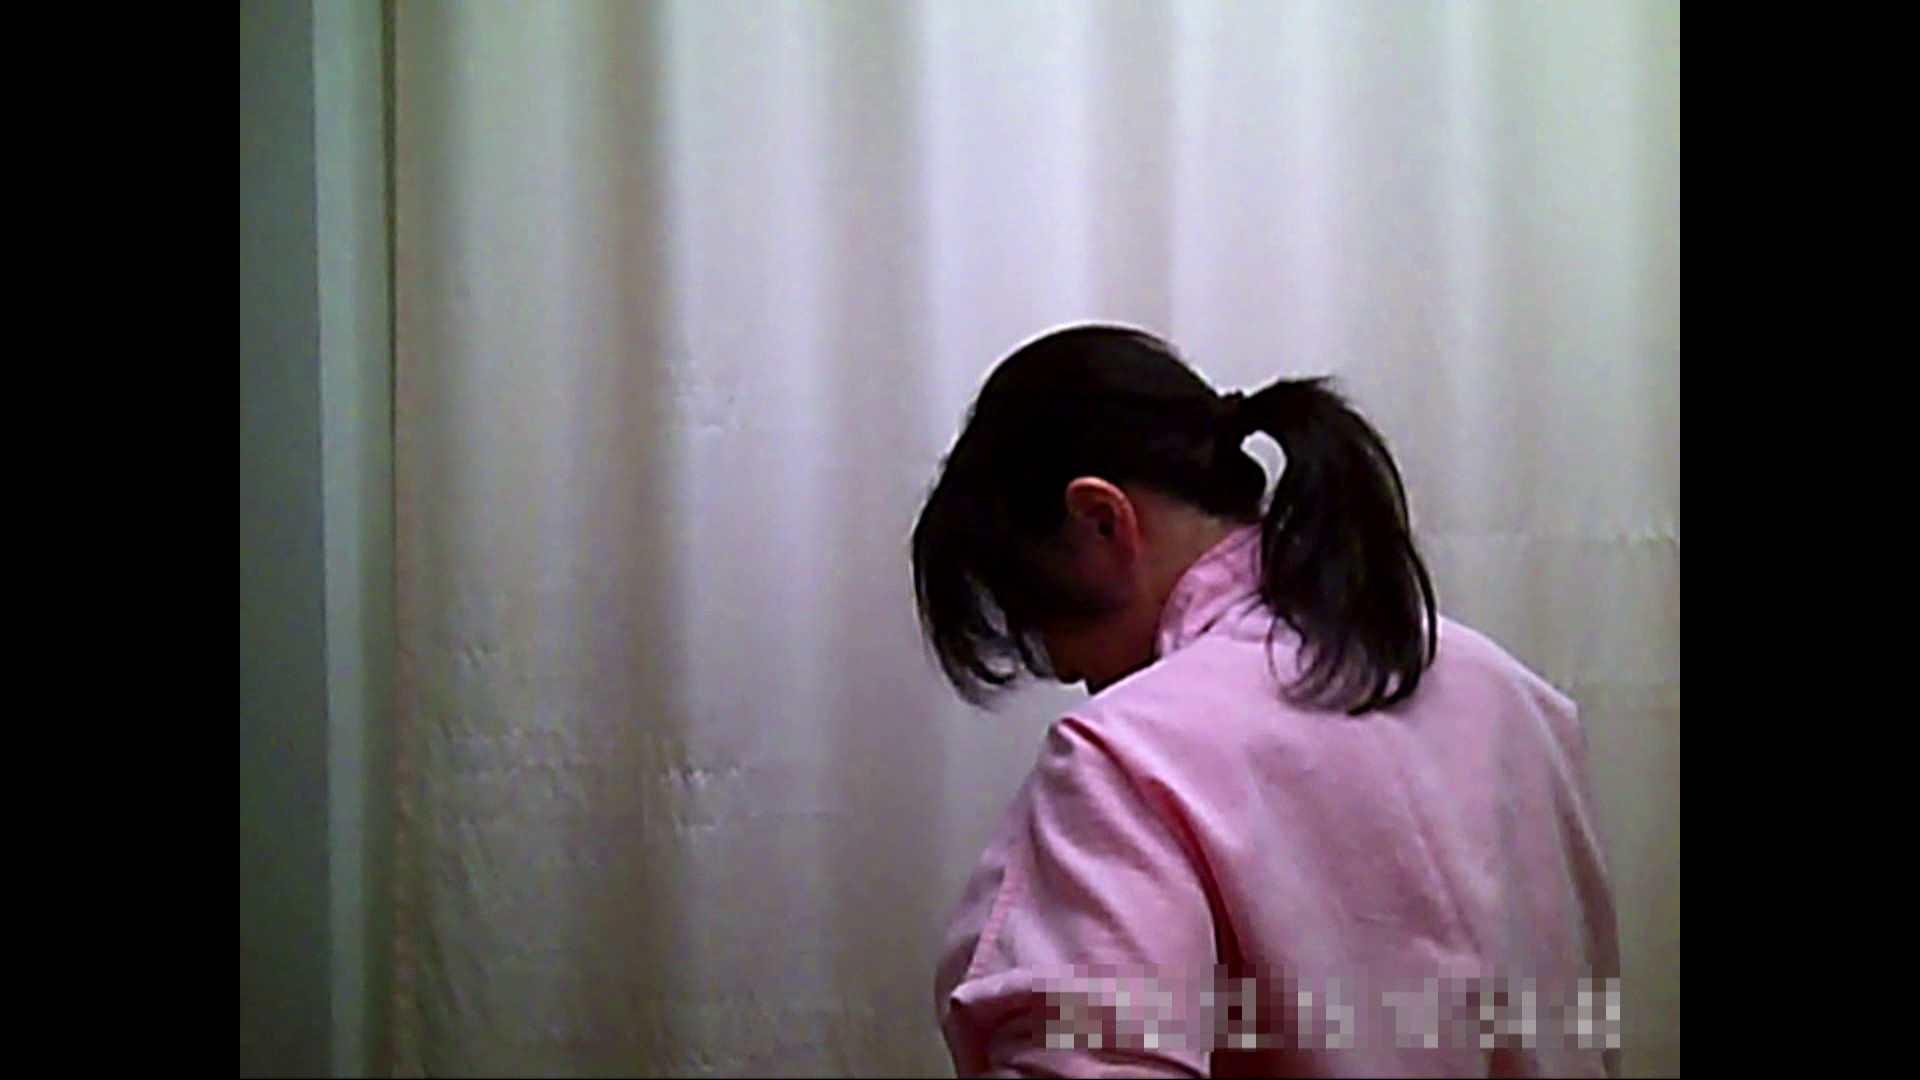 病院おもいっきり着替え! vol.179 貧乳 セックス画像 101画像 6